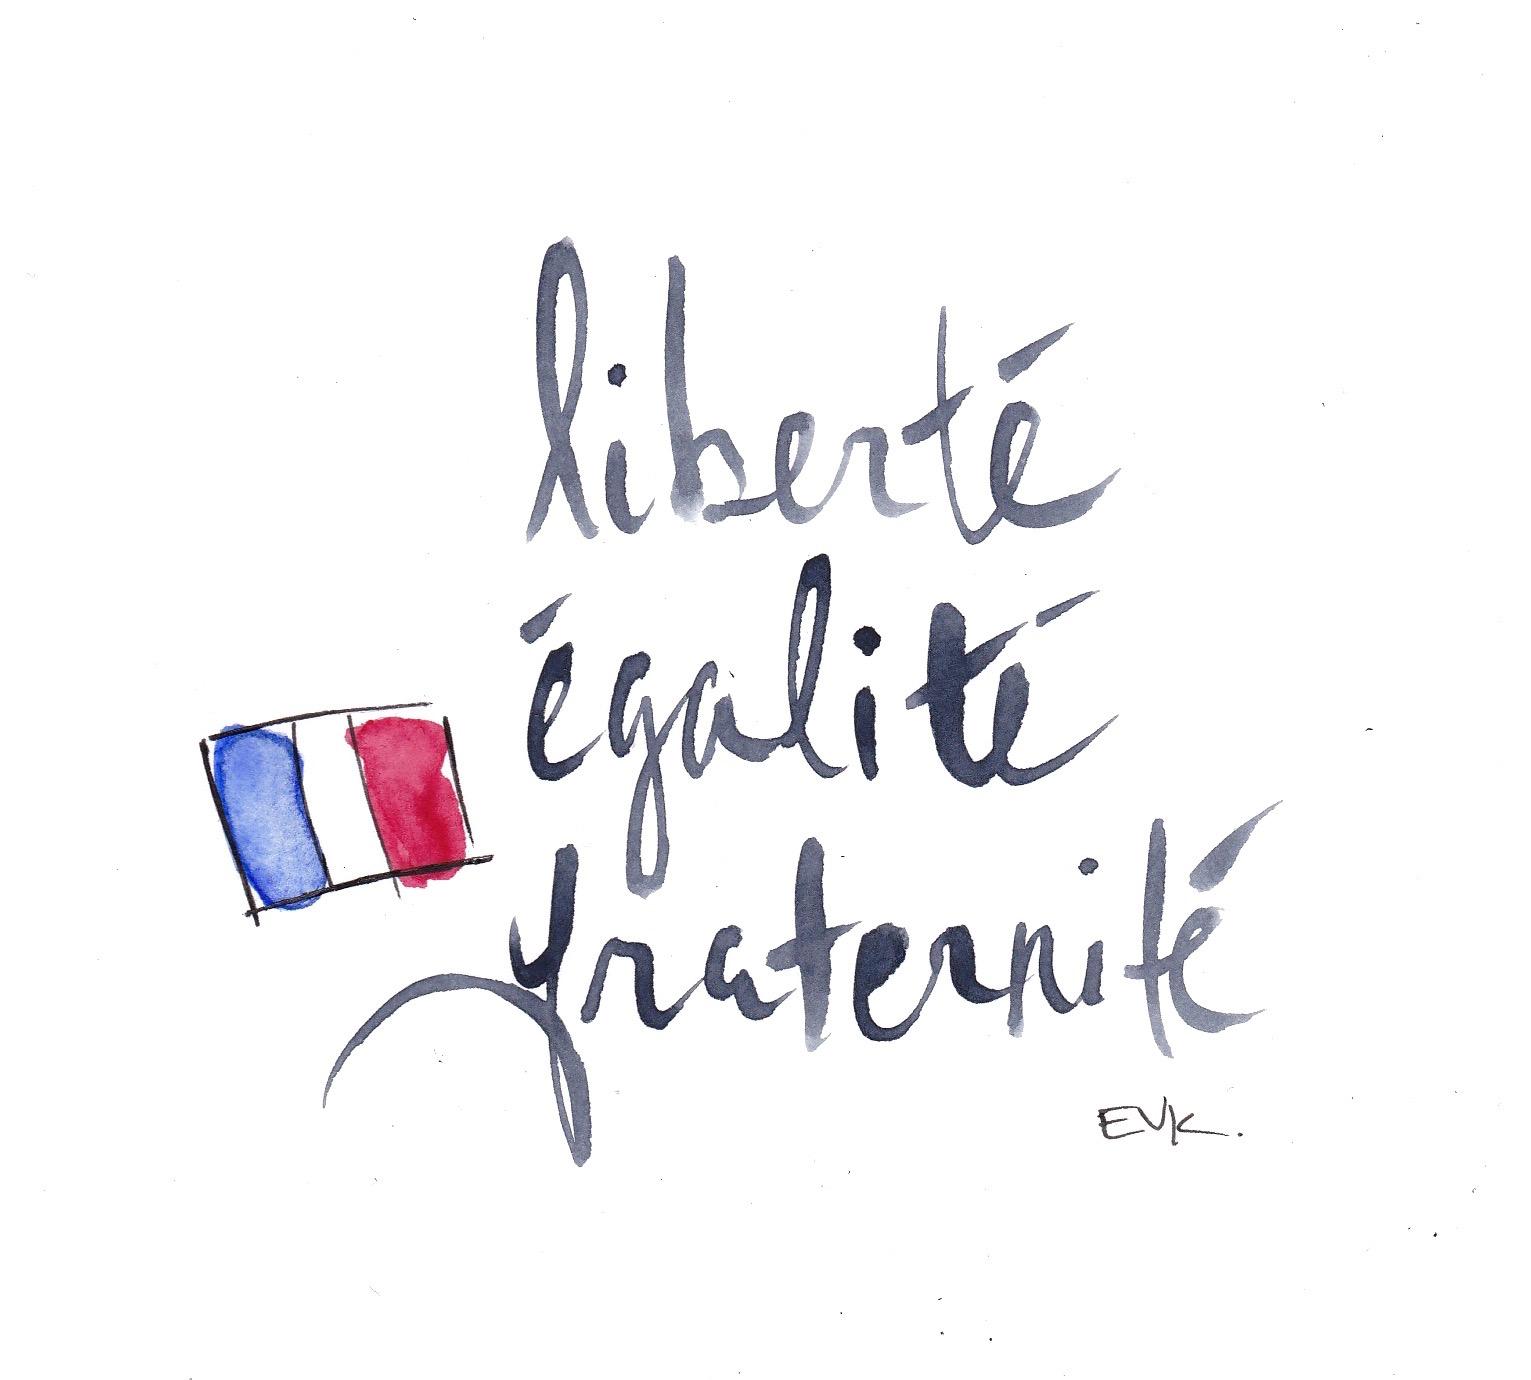 """""""Liberté,Égalité,Fraternité"""" on Nov 13, 2015 (2015) Watercolor and ink on card, 4 x 6 inches © 2015 Elise Vavrus Krohn"""